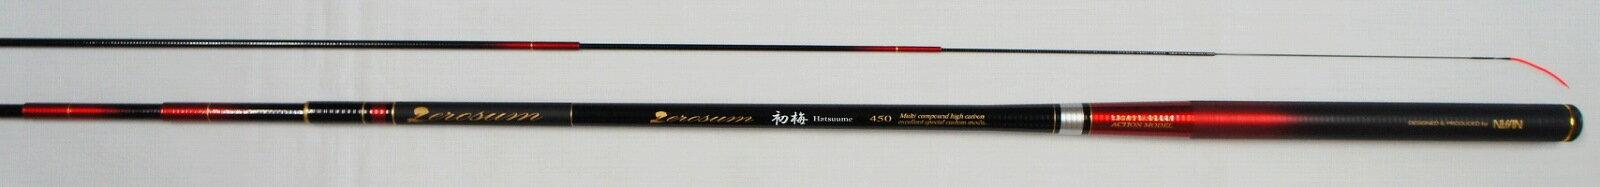 送料無料 即日発送 宇崎日新 ZEROSUM 初梅 5.4m (ゼロサム ハツウメ はつうめ ハエ 清流竿) NISSIN Made in Japan日本製